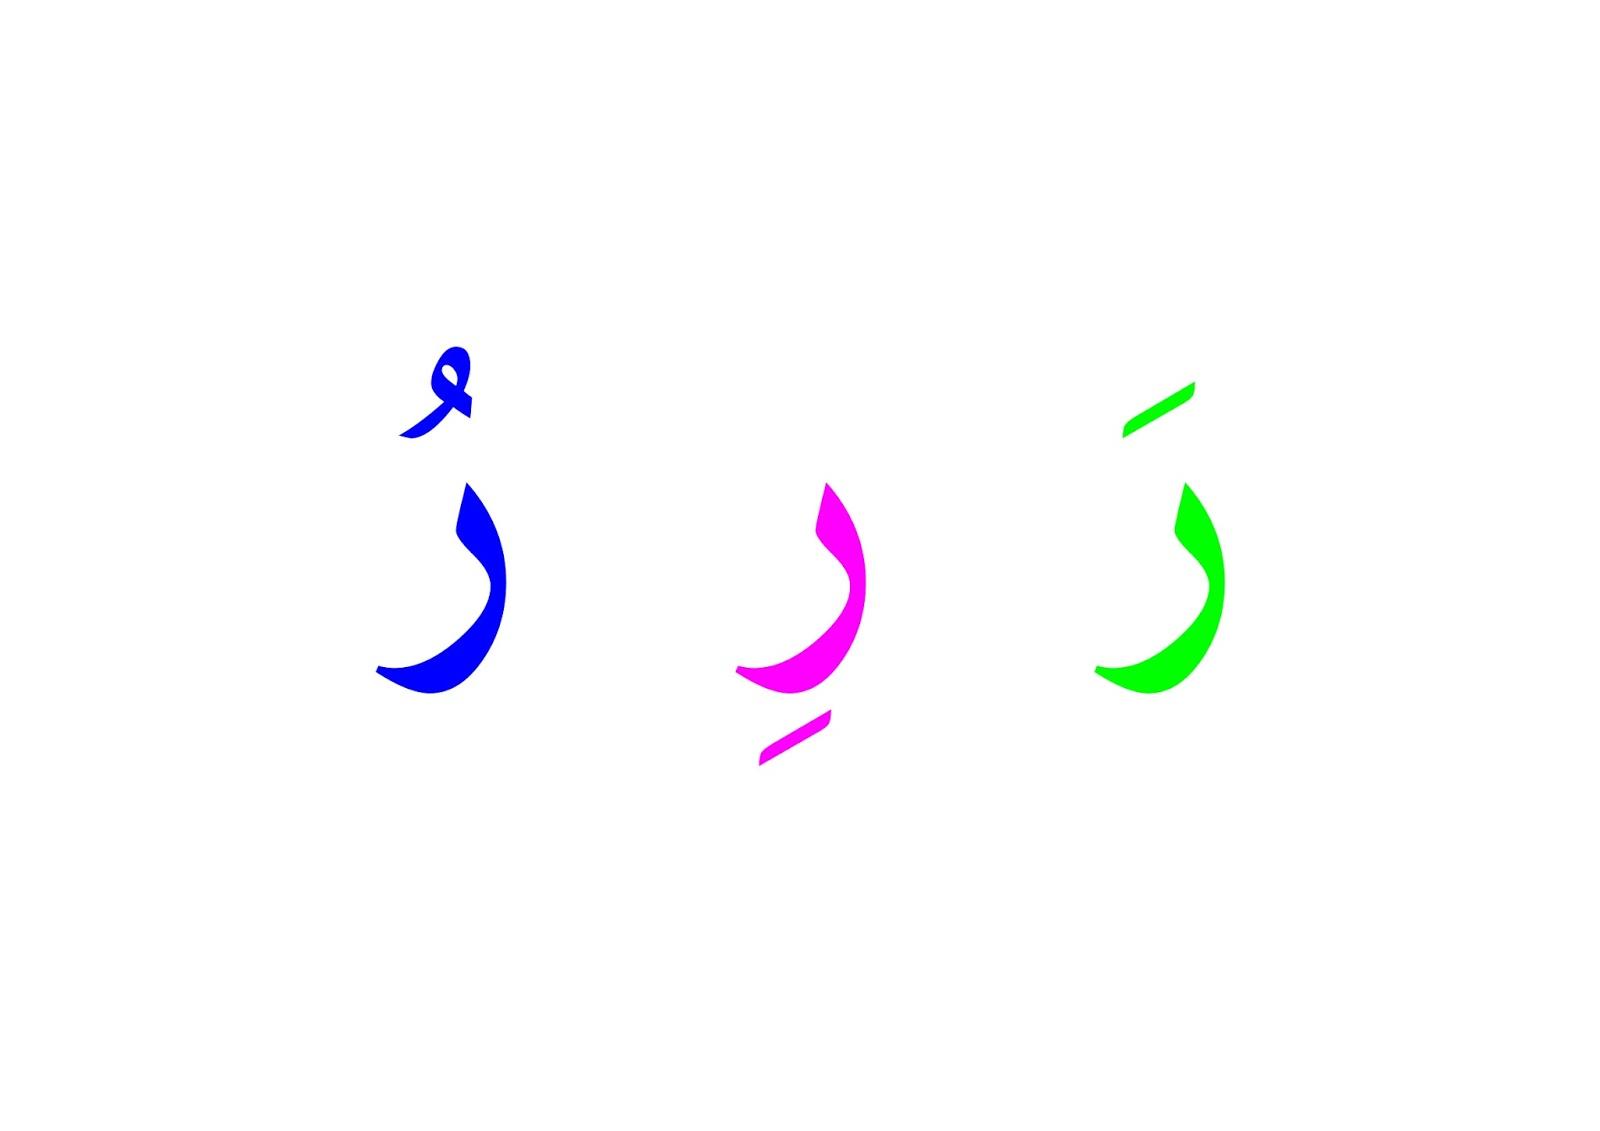 جميع الحروف بالحركات الثلاثة ملونة %D8%A7%D9%84%D8%AD%D